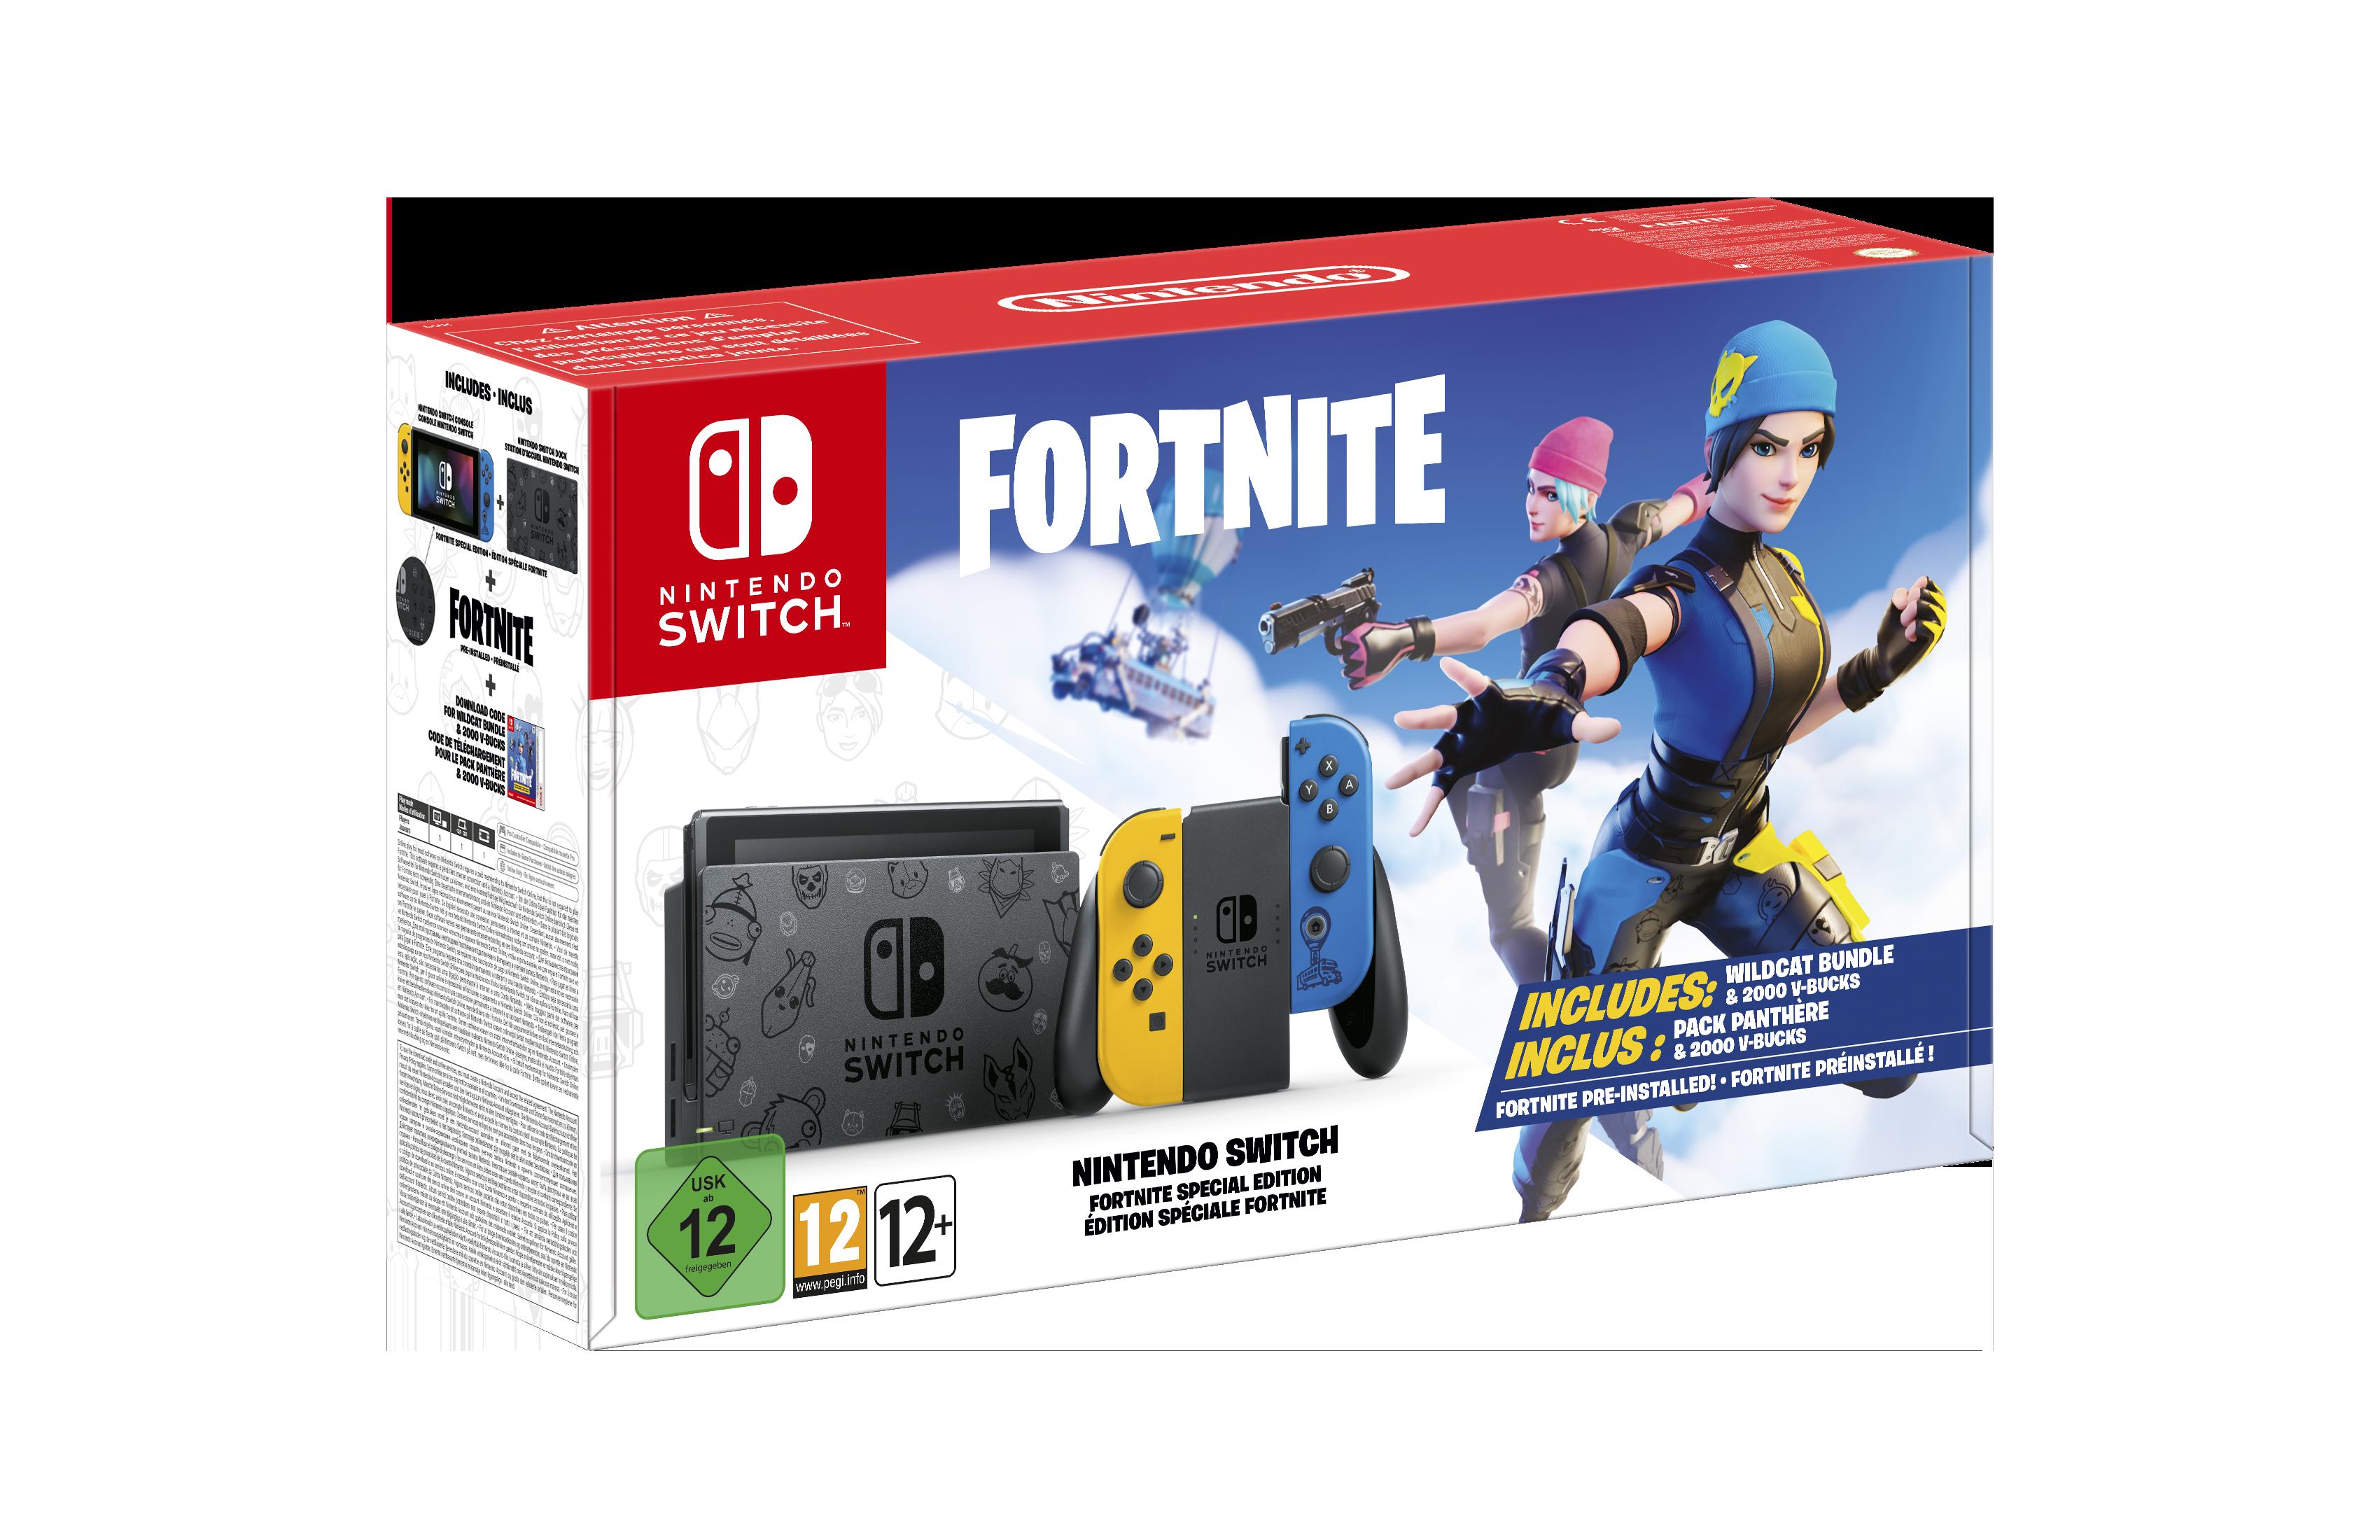 Nuevo pack Nintendo Switch Fortnite edición especial a partir del 30 de octubre